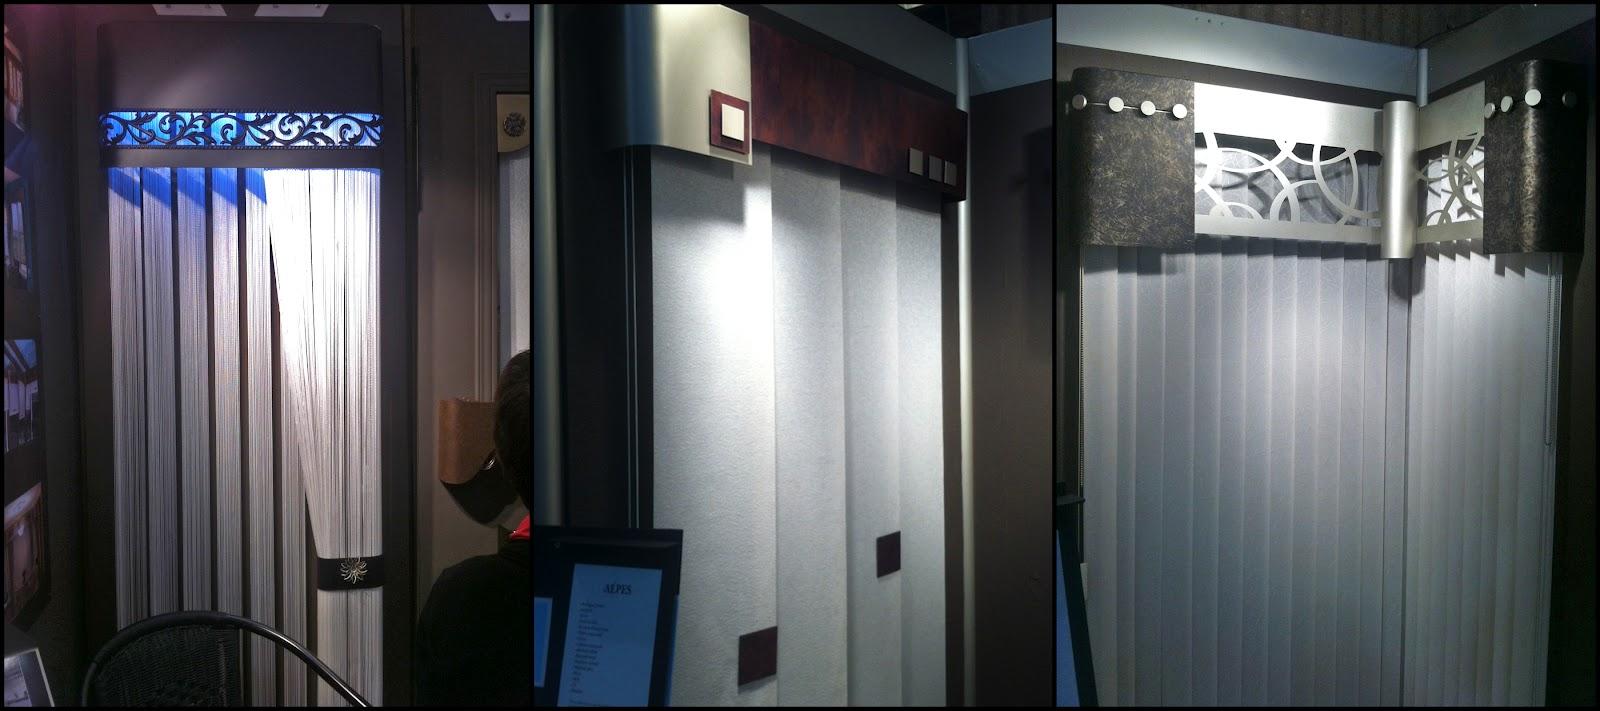 Colobar peinture et d coration salon de l 39 habitation 2012 nos d coratrices y taient for Valence rideau pour cuisine